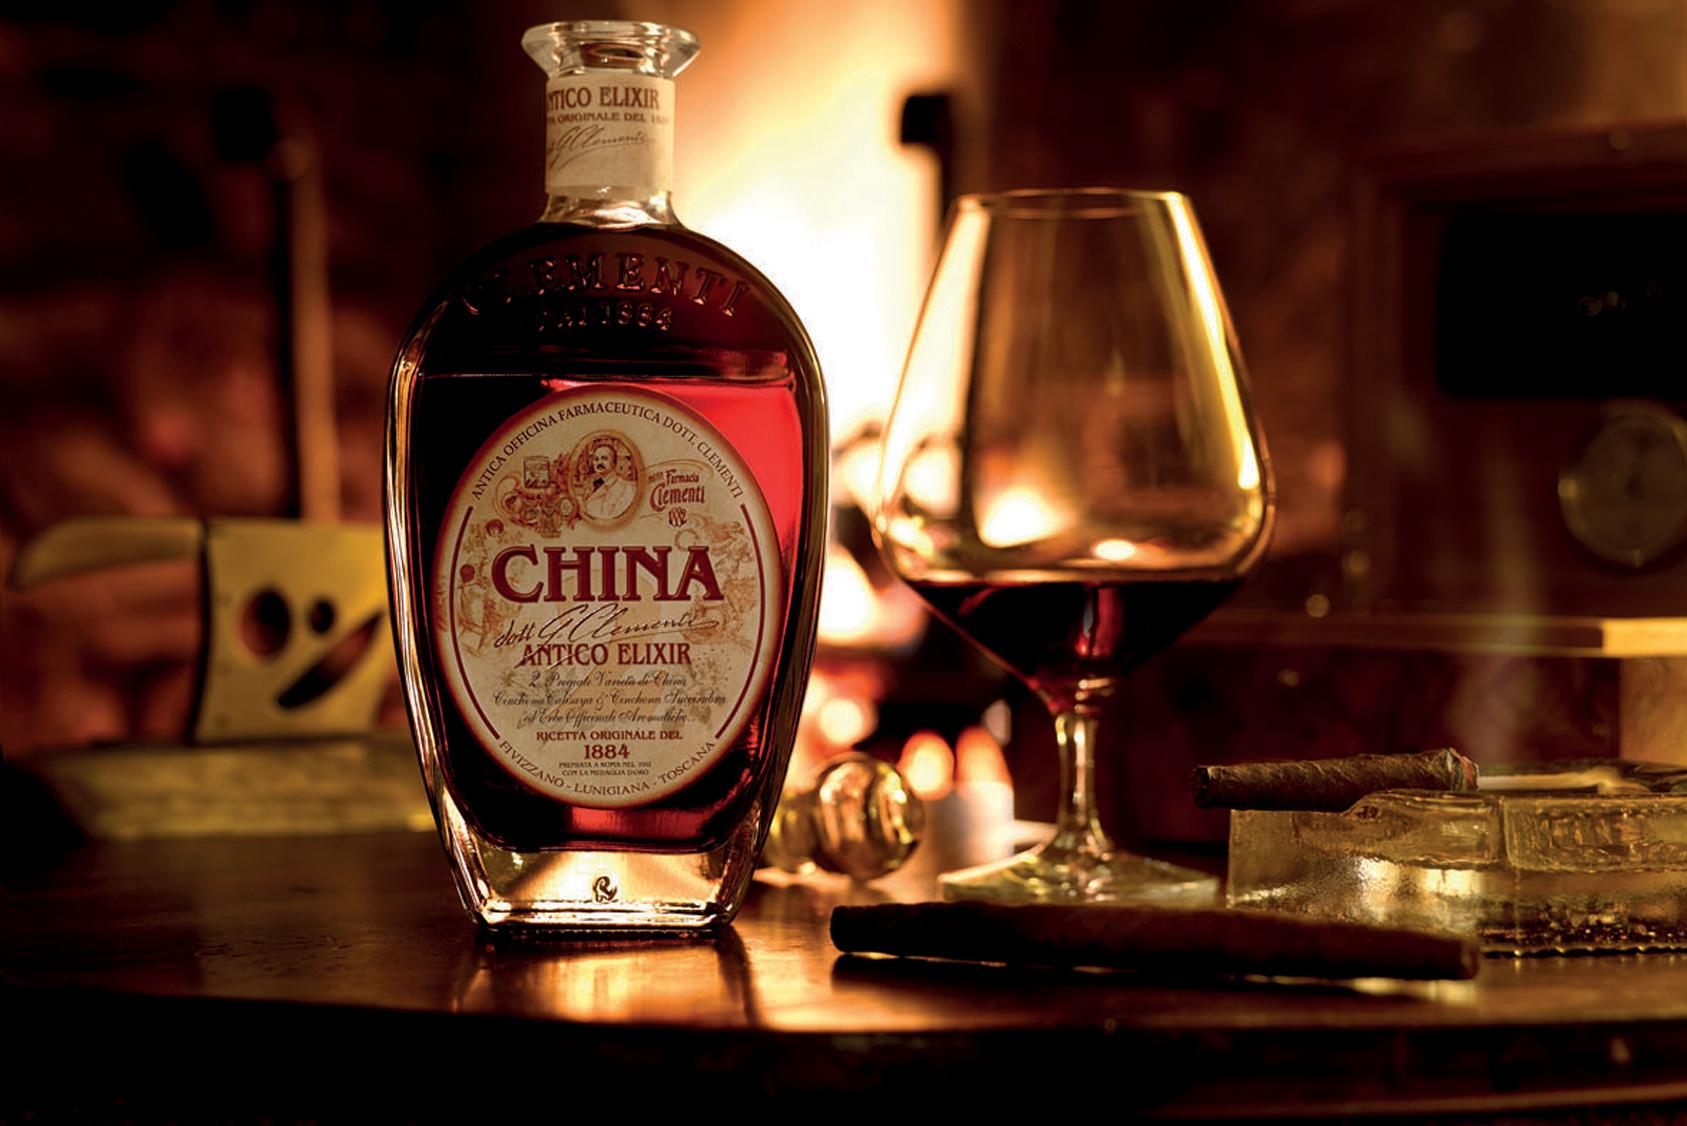 China Clementi Fivizzano